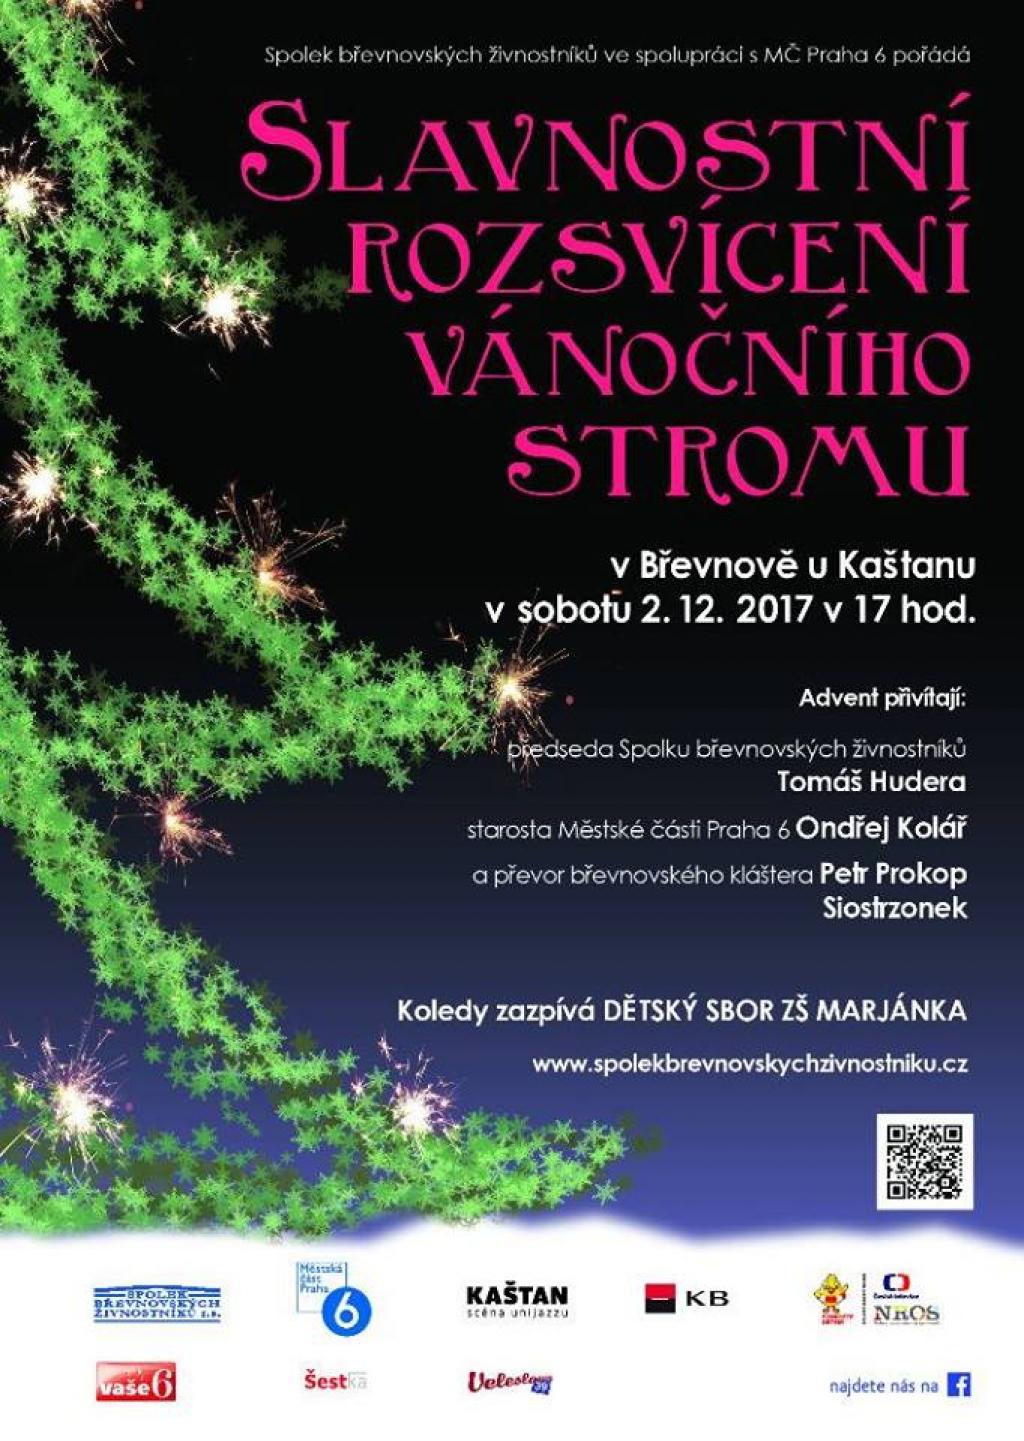 Slavnostní rozsvícení břevnovského vánočního stromu 2017